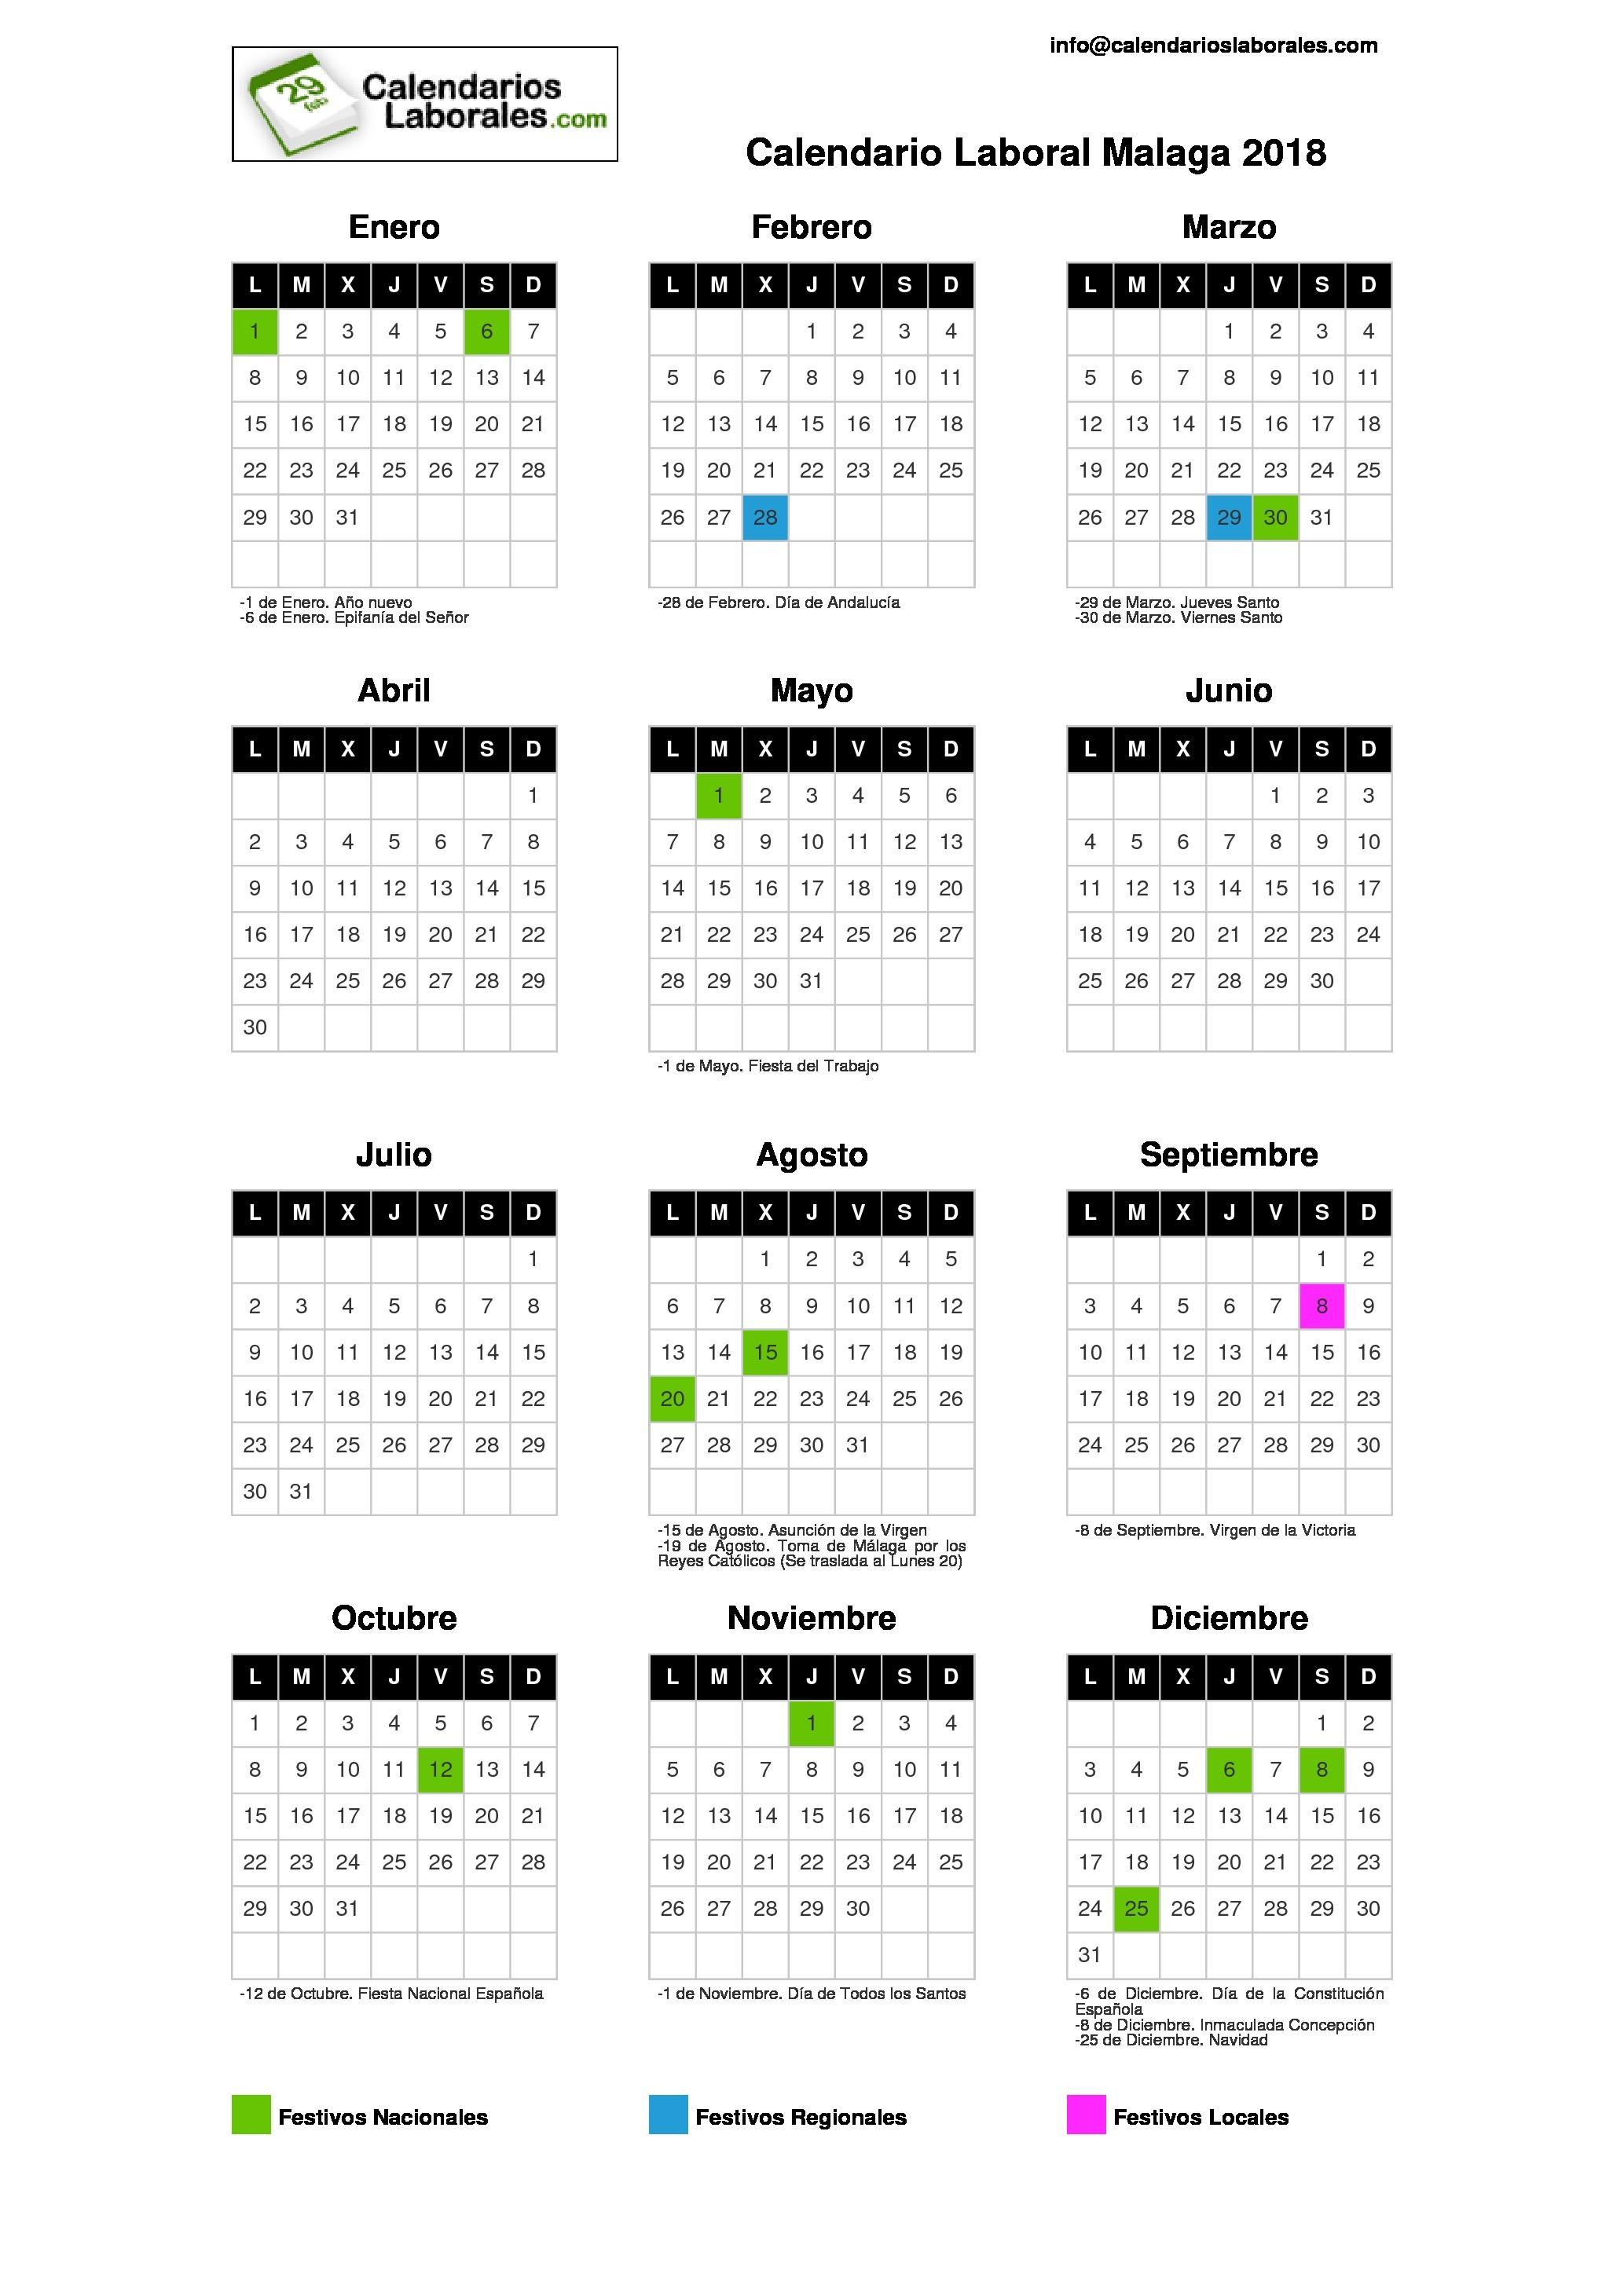 Calendario Febrero 2019 Colombia Actual Calendario Octubre 2018 Colombia T Of Calendario Febrero 2019 Colombia Más Populares Calendario Octubre 2018 Colombia T